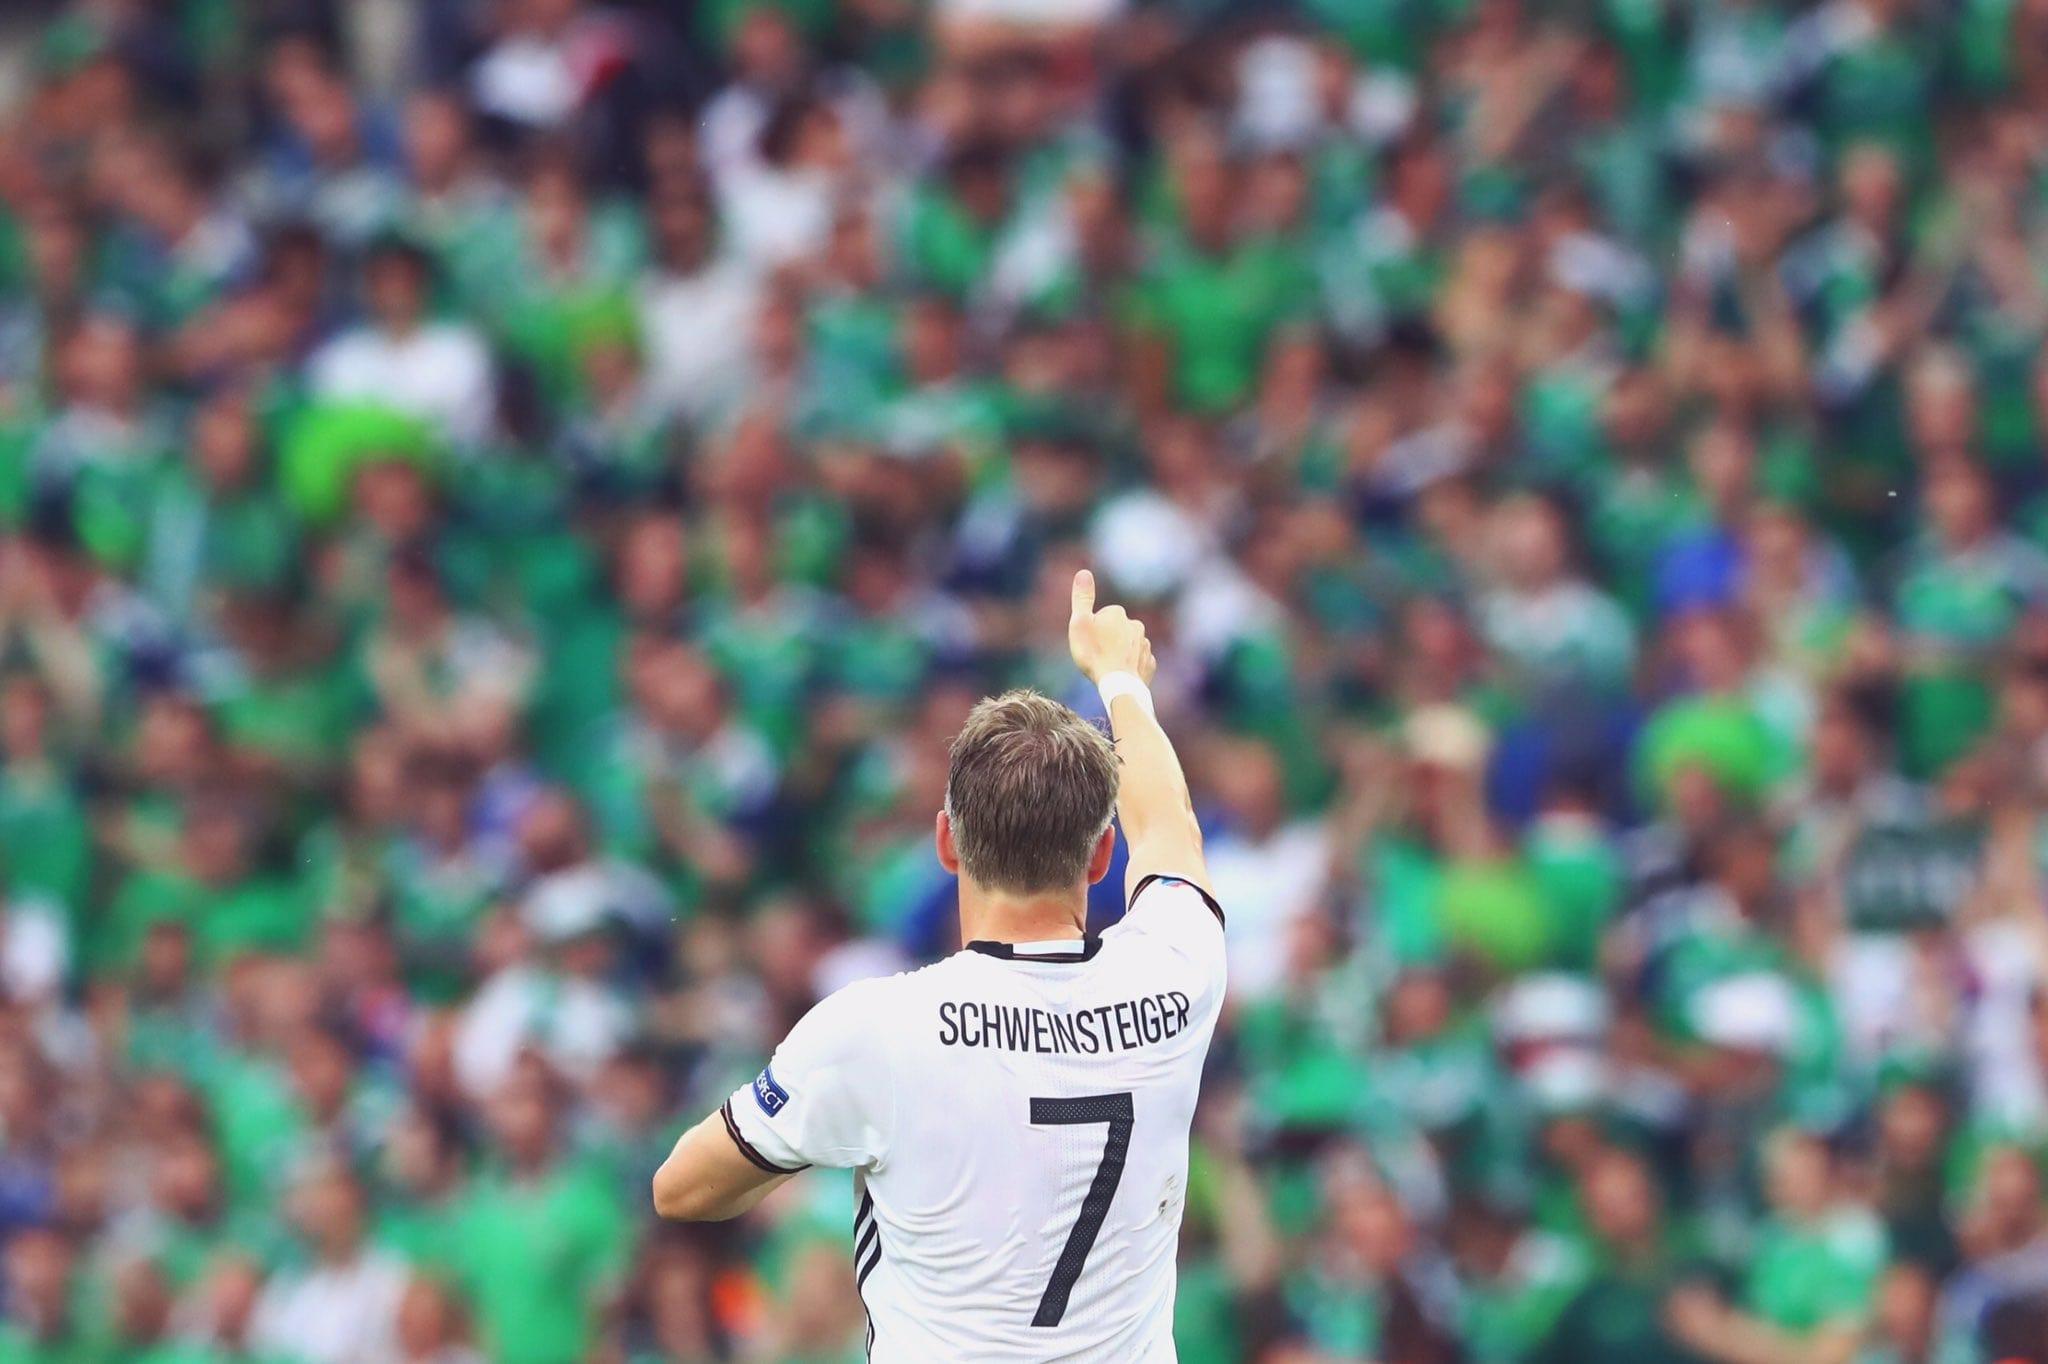 Bastian Schweinsteiger praises Northern Ireland fans